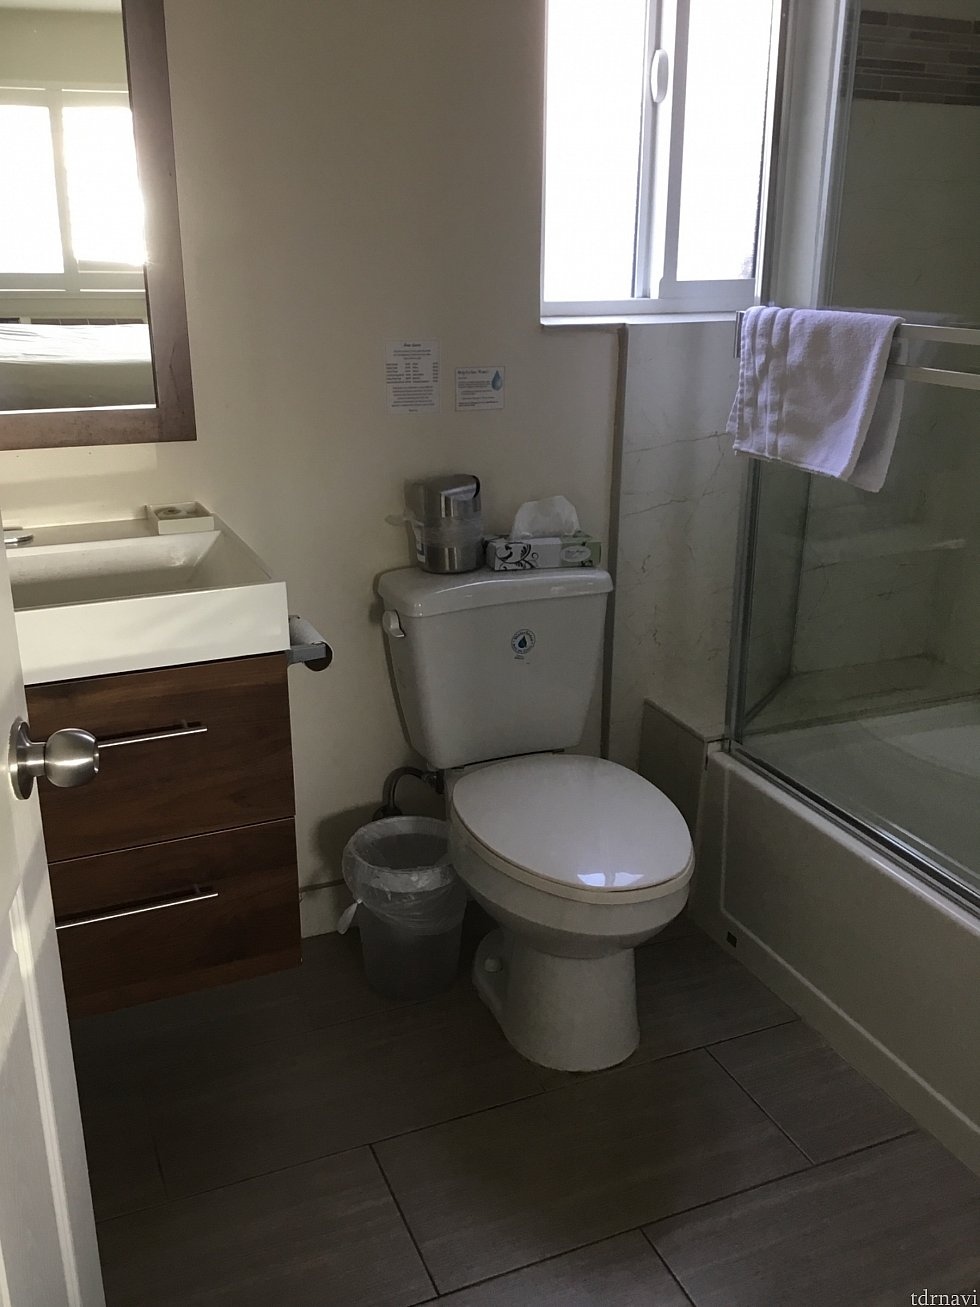 口コミサイトを見る限りバスタブなしのシャワーだけの部屋もあるみたいです。